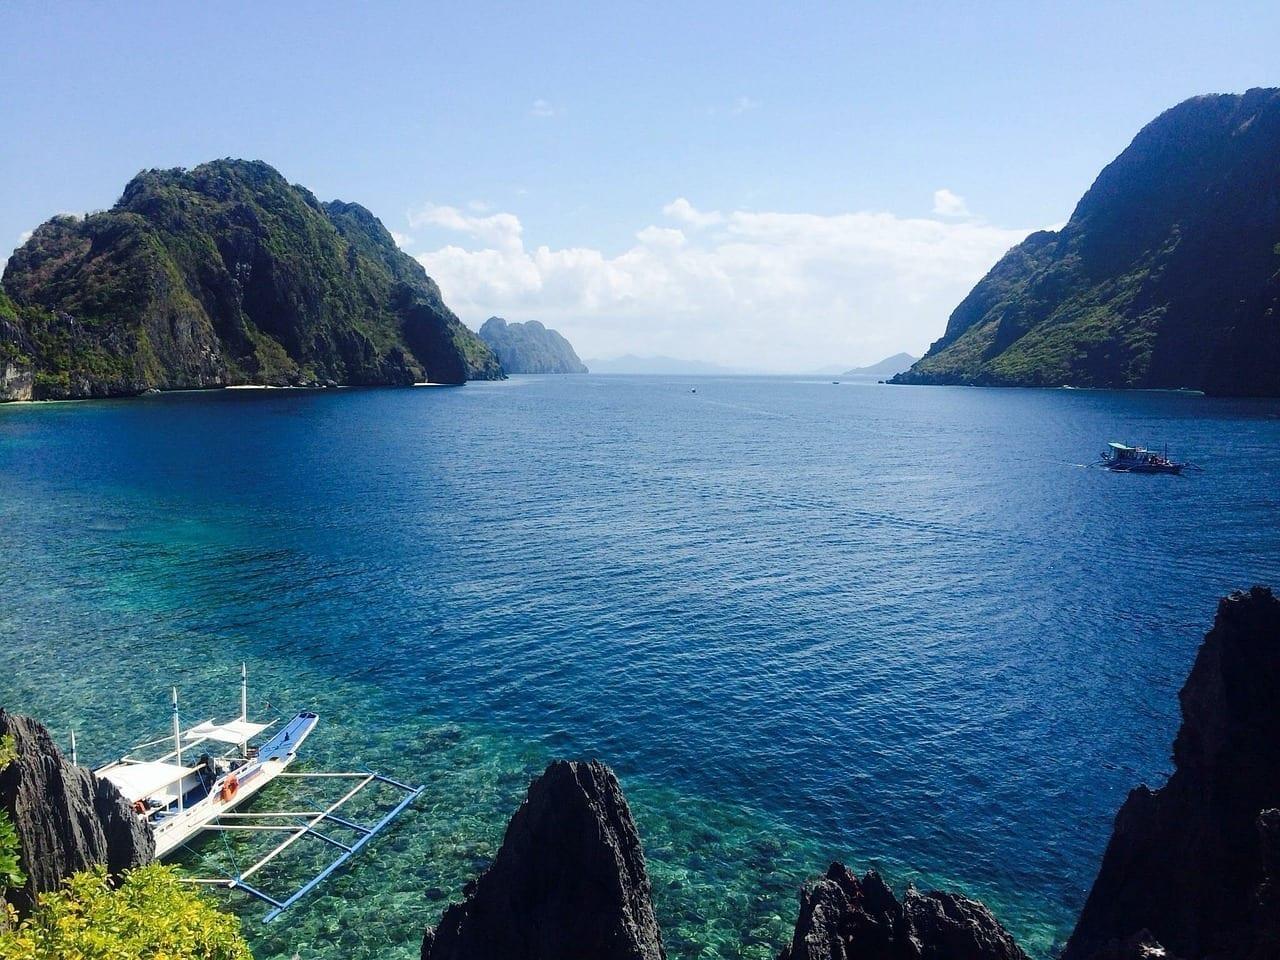 Filipinas Océano Verano